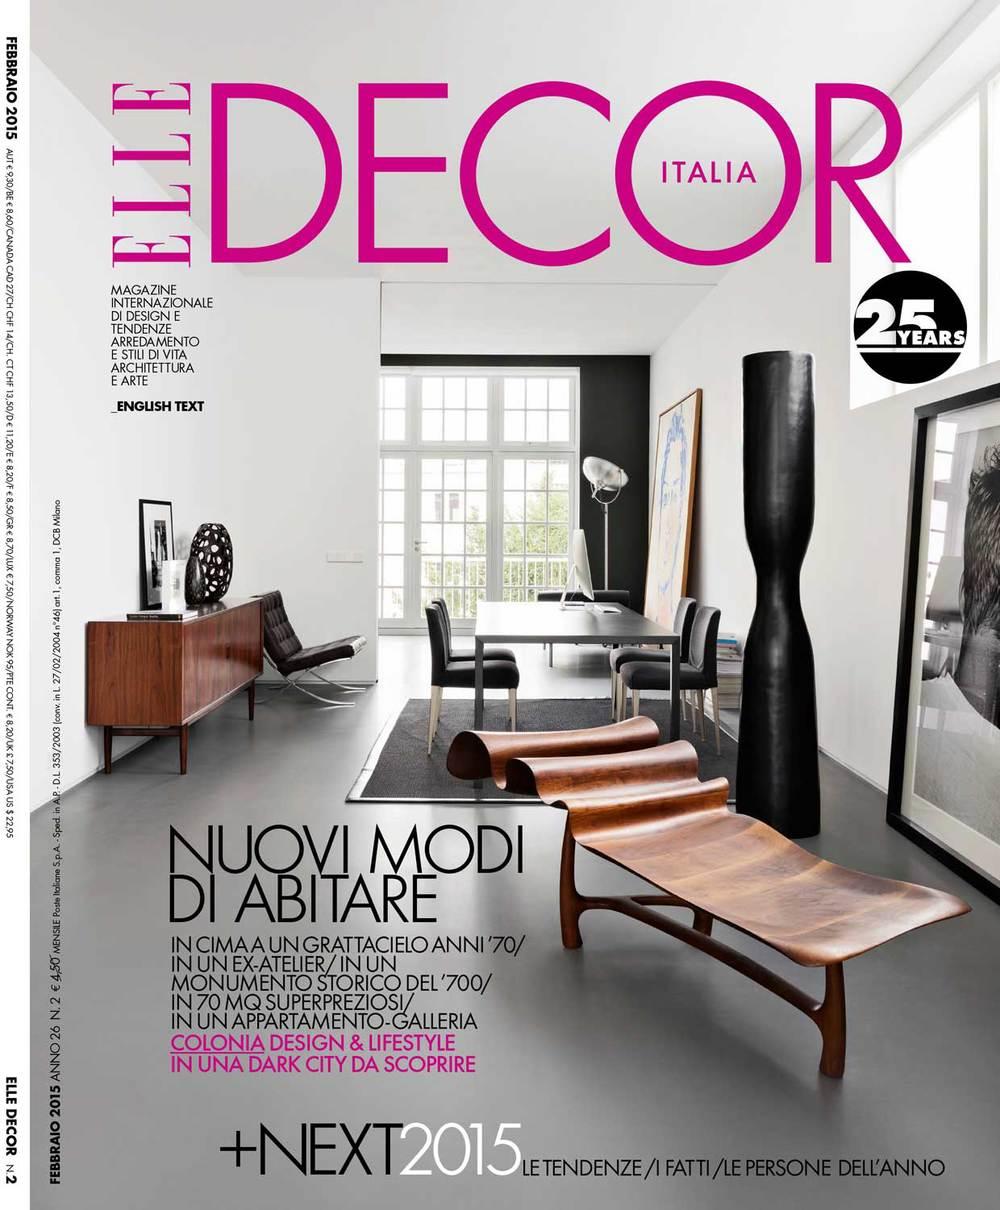 Elle-Decor-Italia-February-2015-Cover-2.jpg